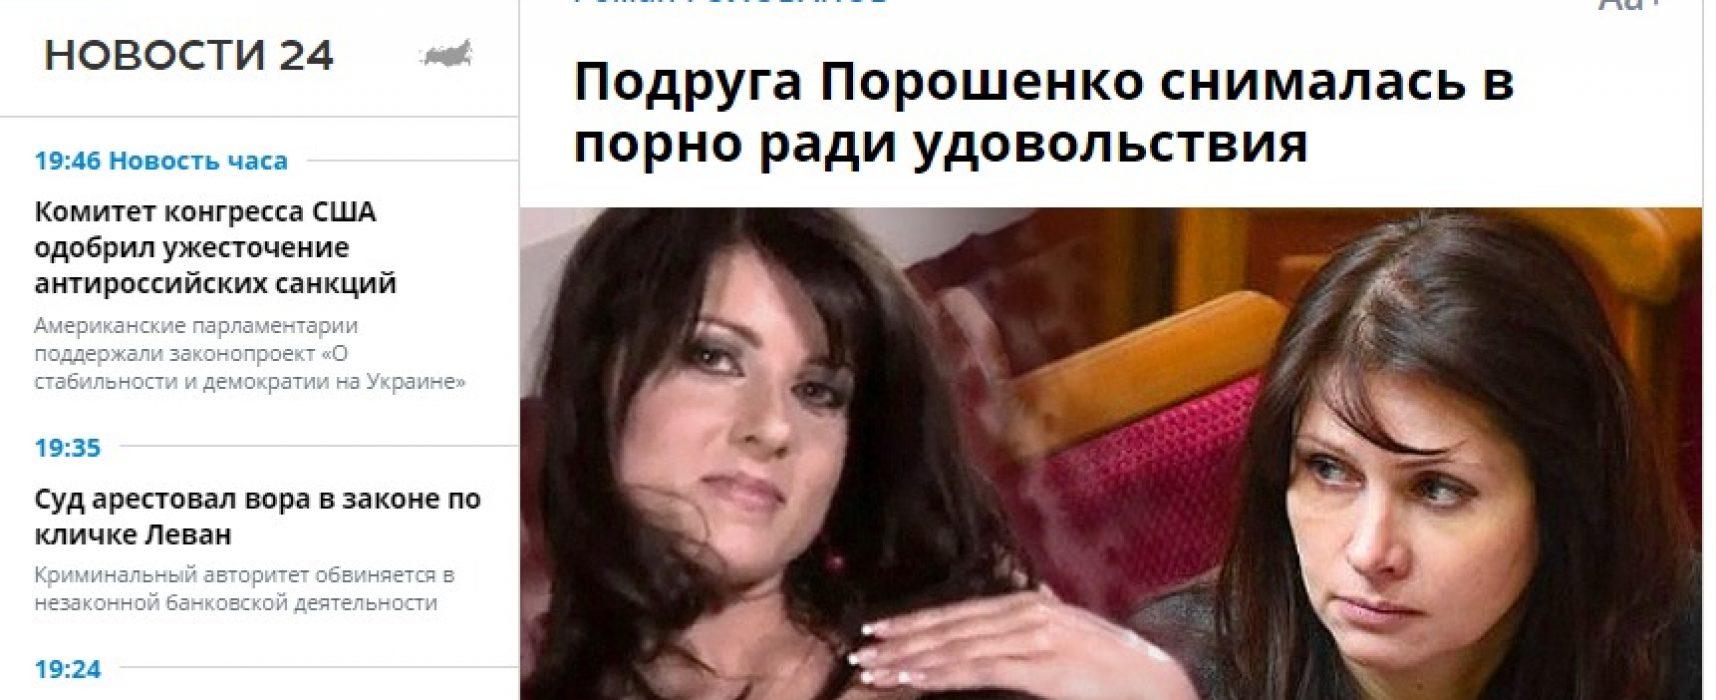 СМИ представили украинского депутата порнозвездой